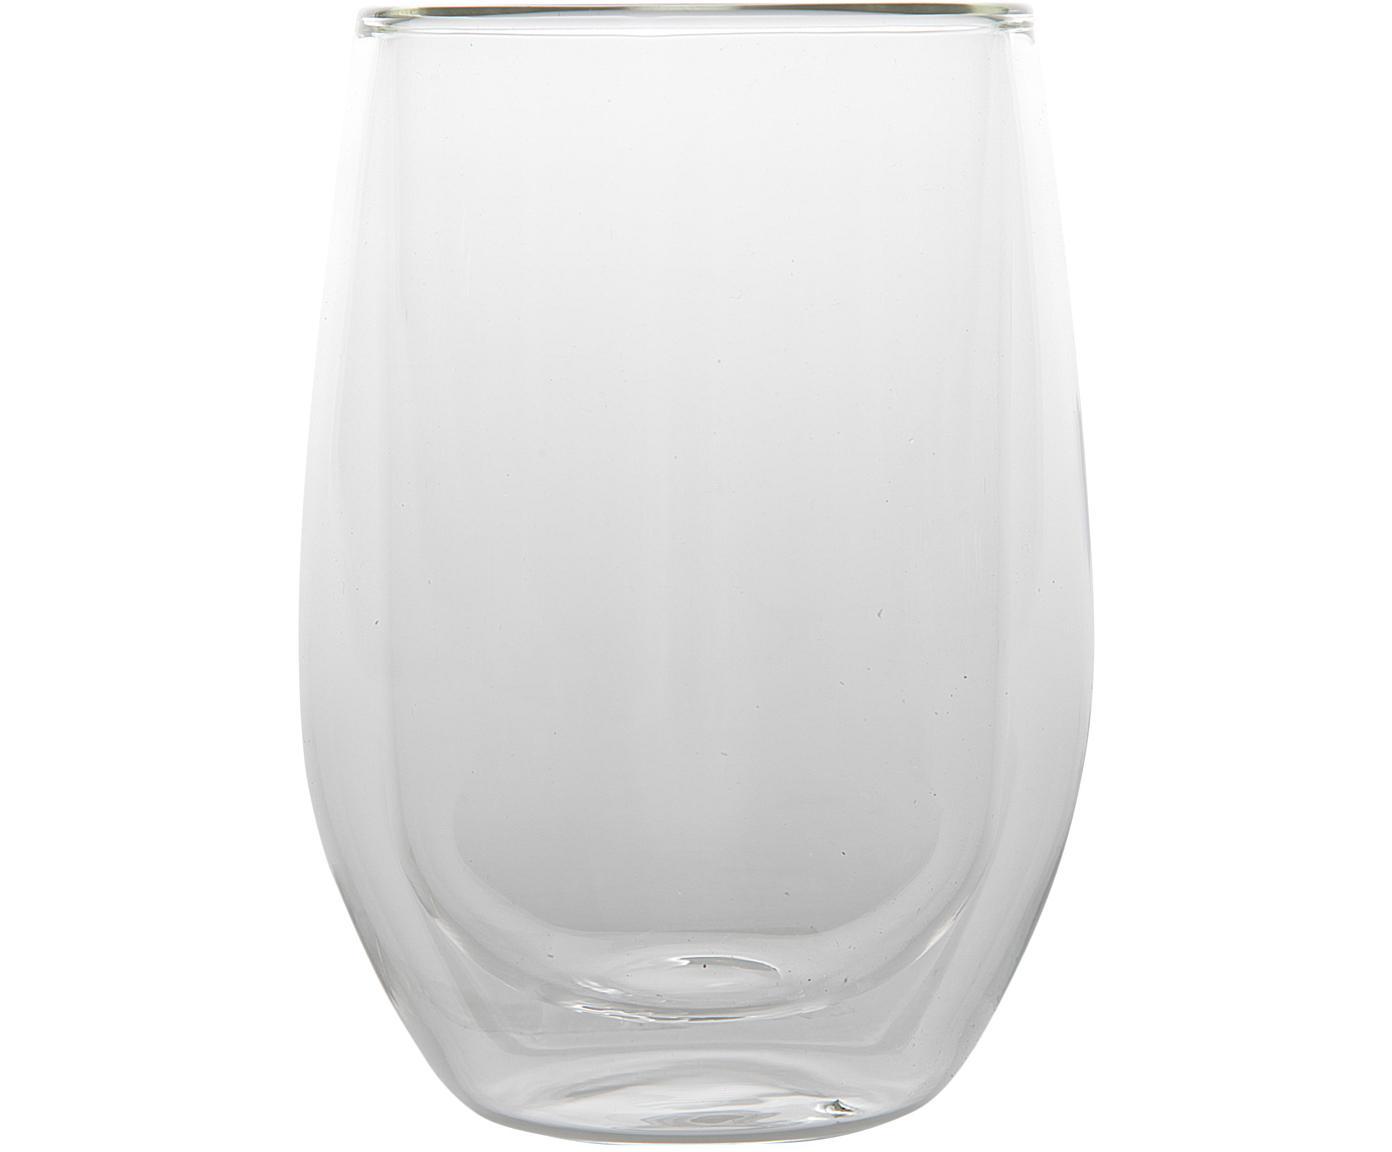 Szklanka termiczna z podwójną ścianką Isolate, 2 szt., Szkło borokrzemowe, Transparentny, Ø 8 x W 13 cm